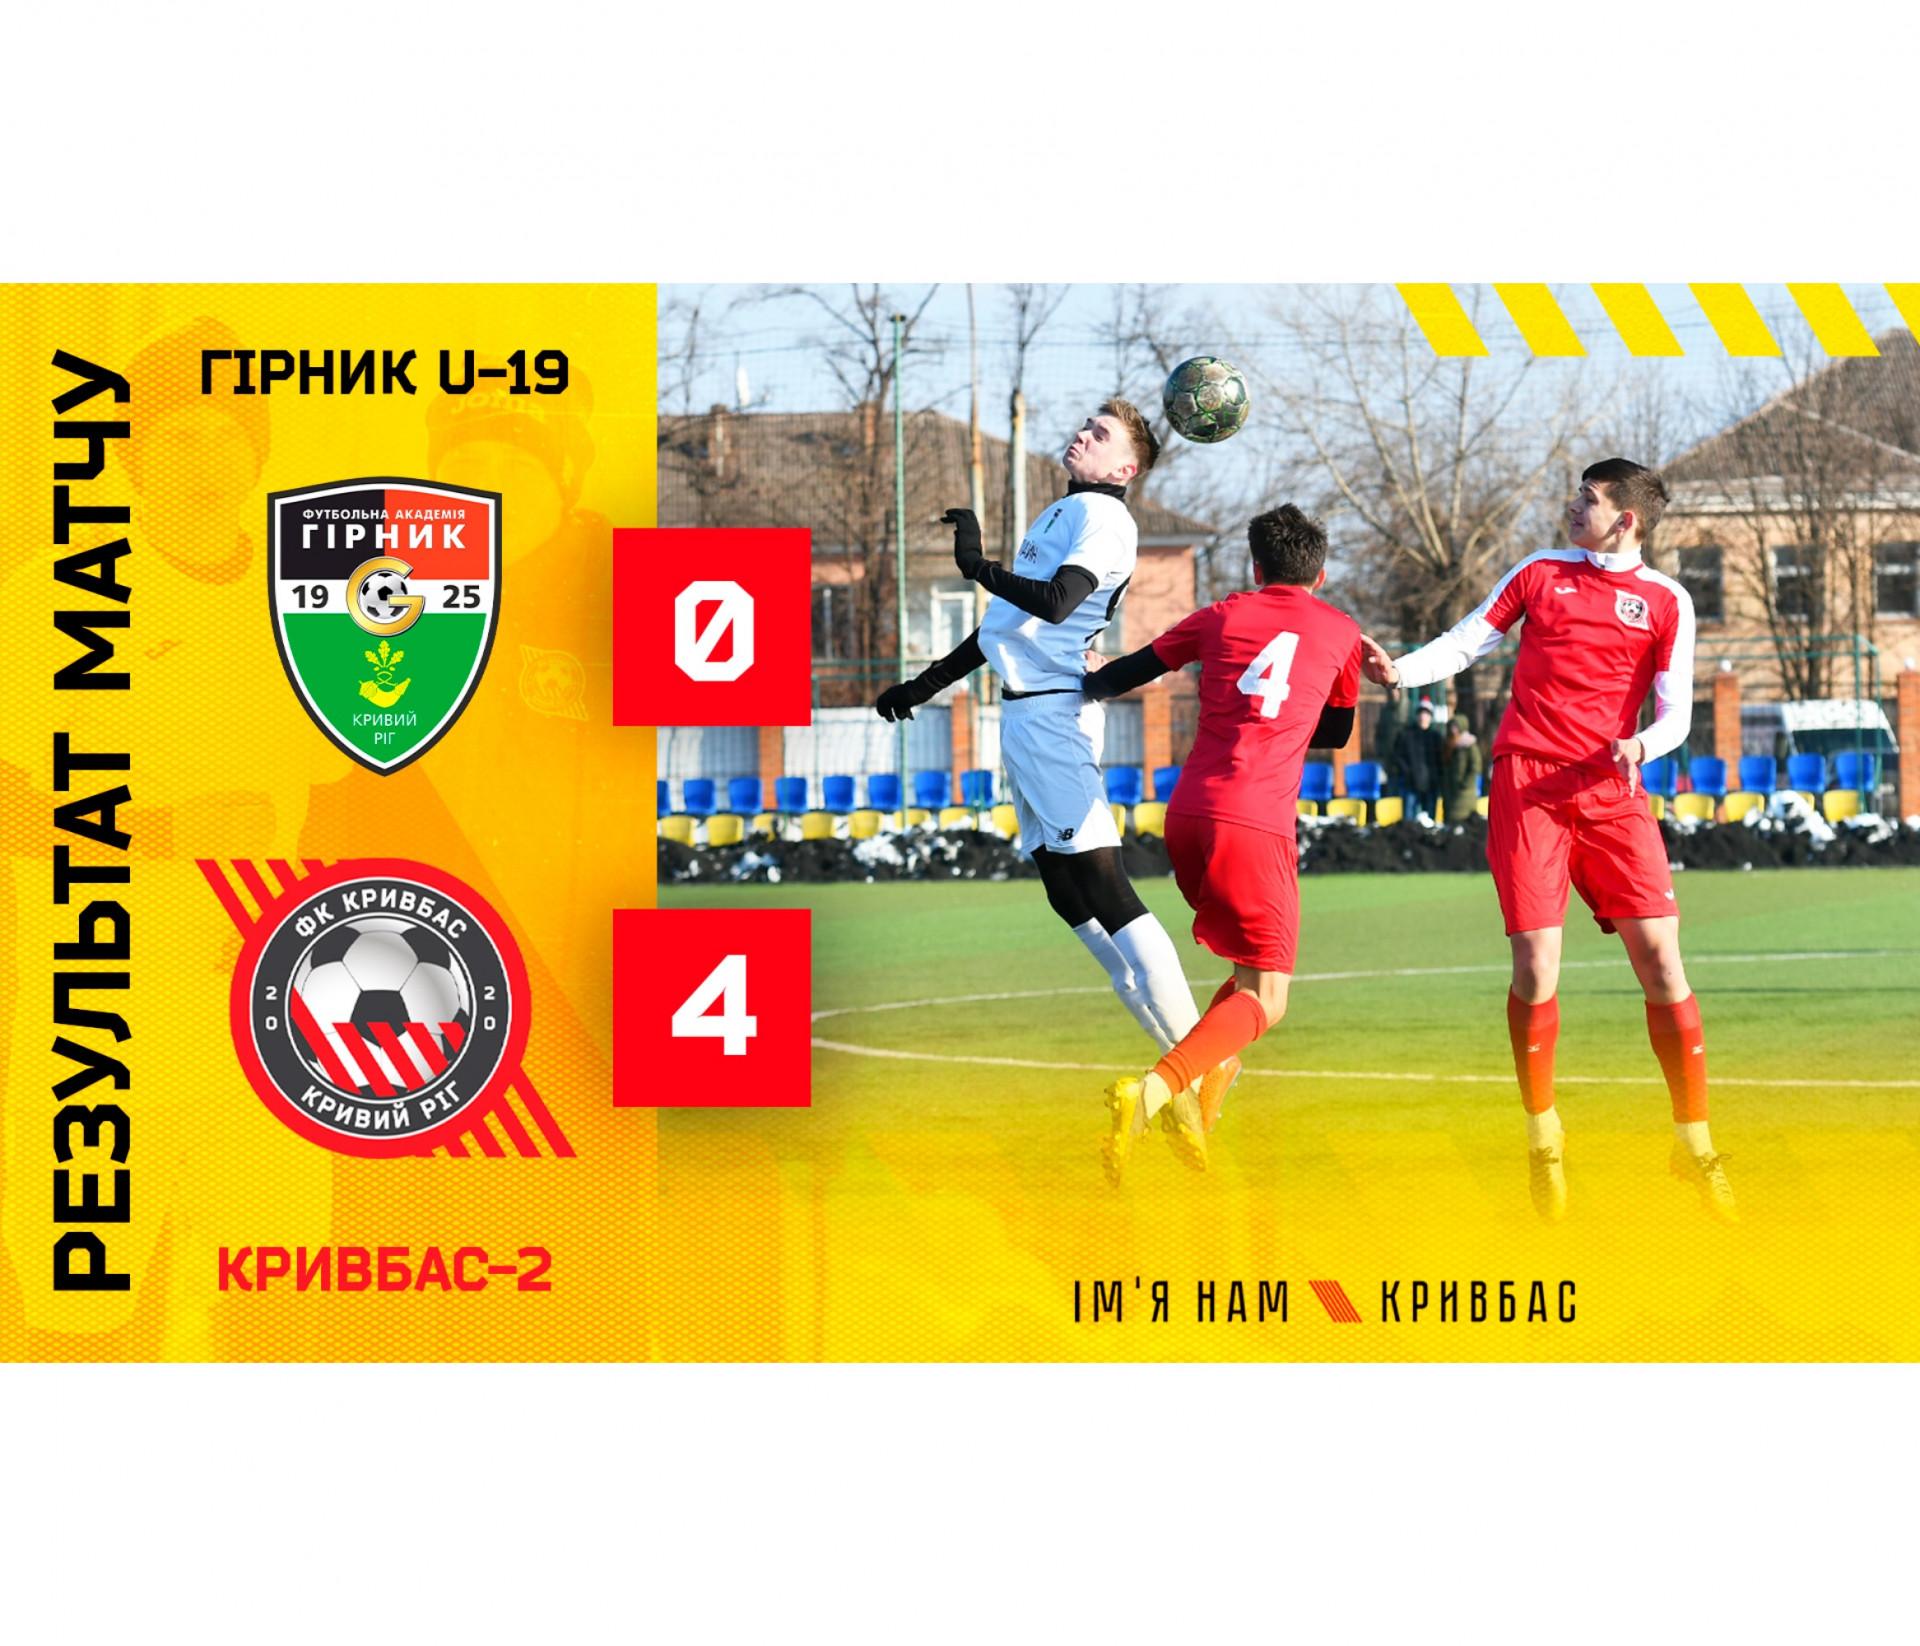 """""""Гірник"""" U-19 - """"Кривбас-2"""" 0:4}"""